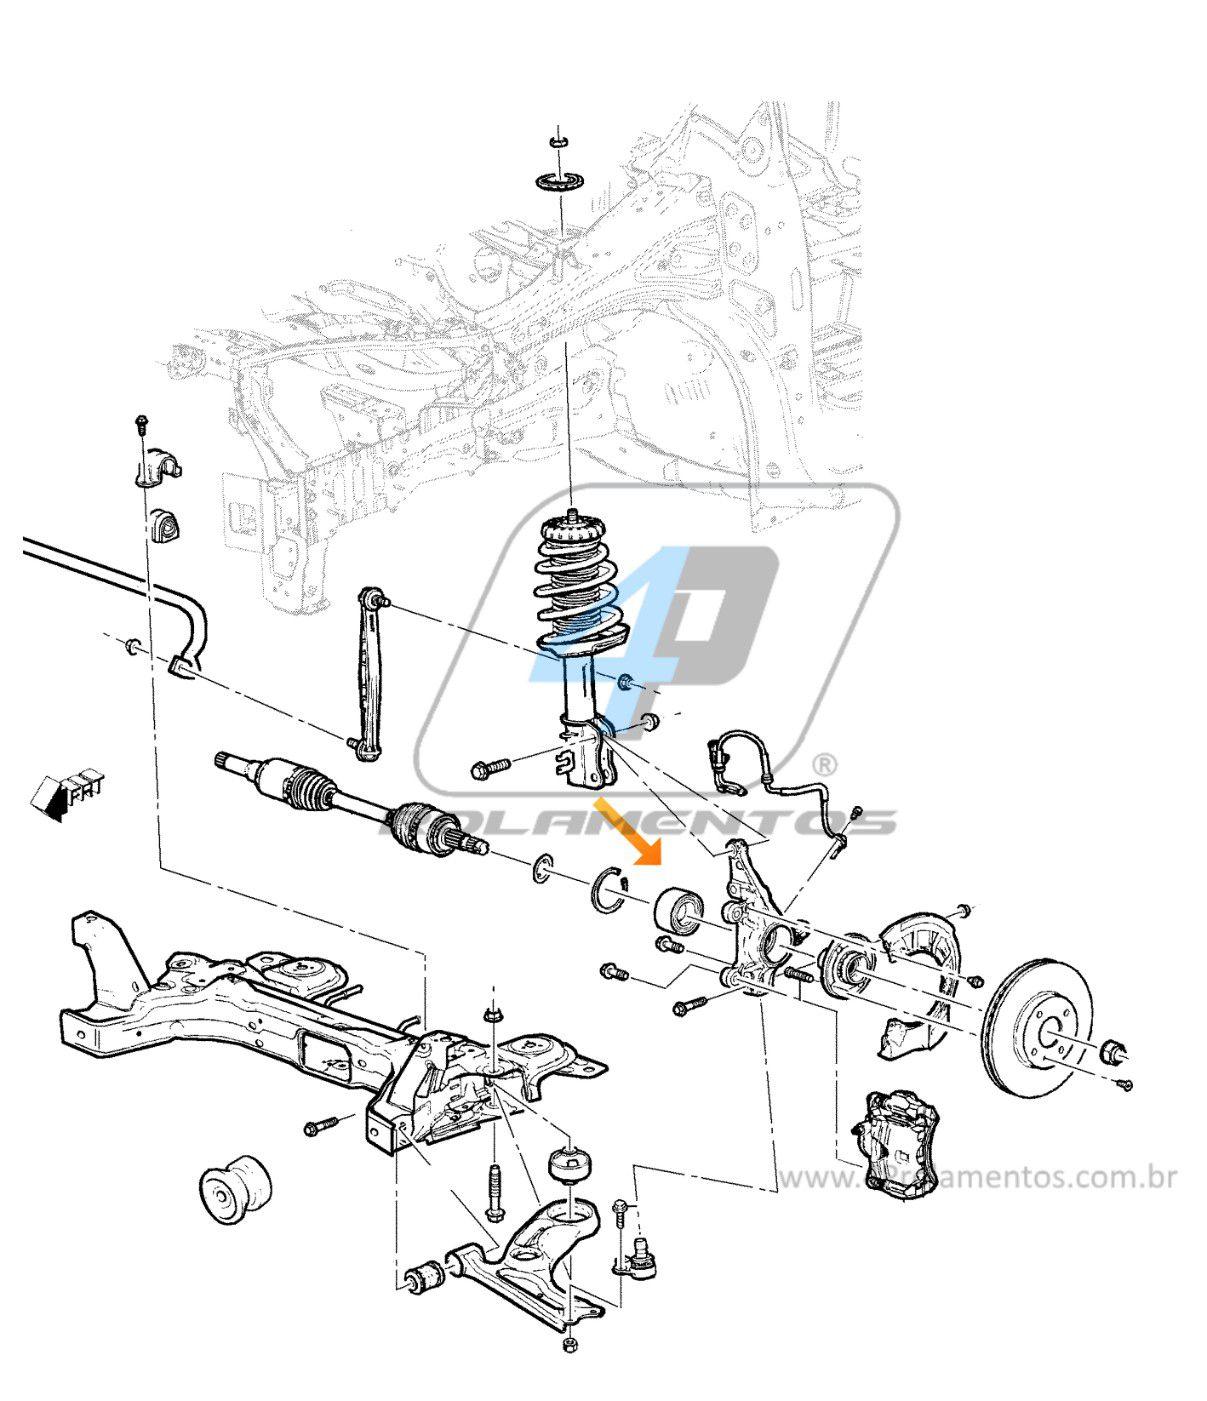 Rolamento de Roda Dianteira CHEVROLET Prisma 2012 até 2016